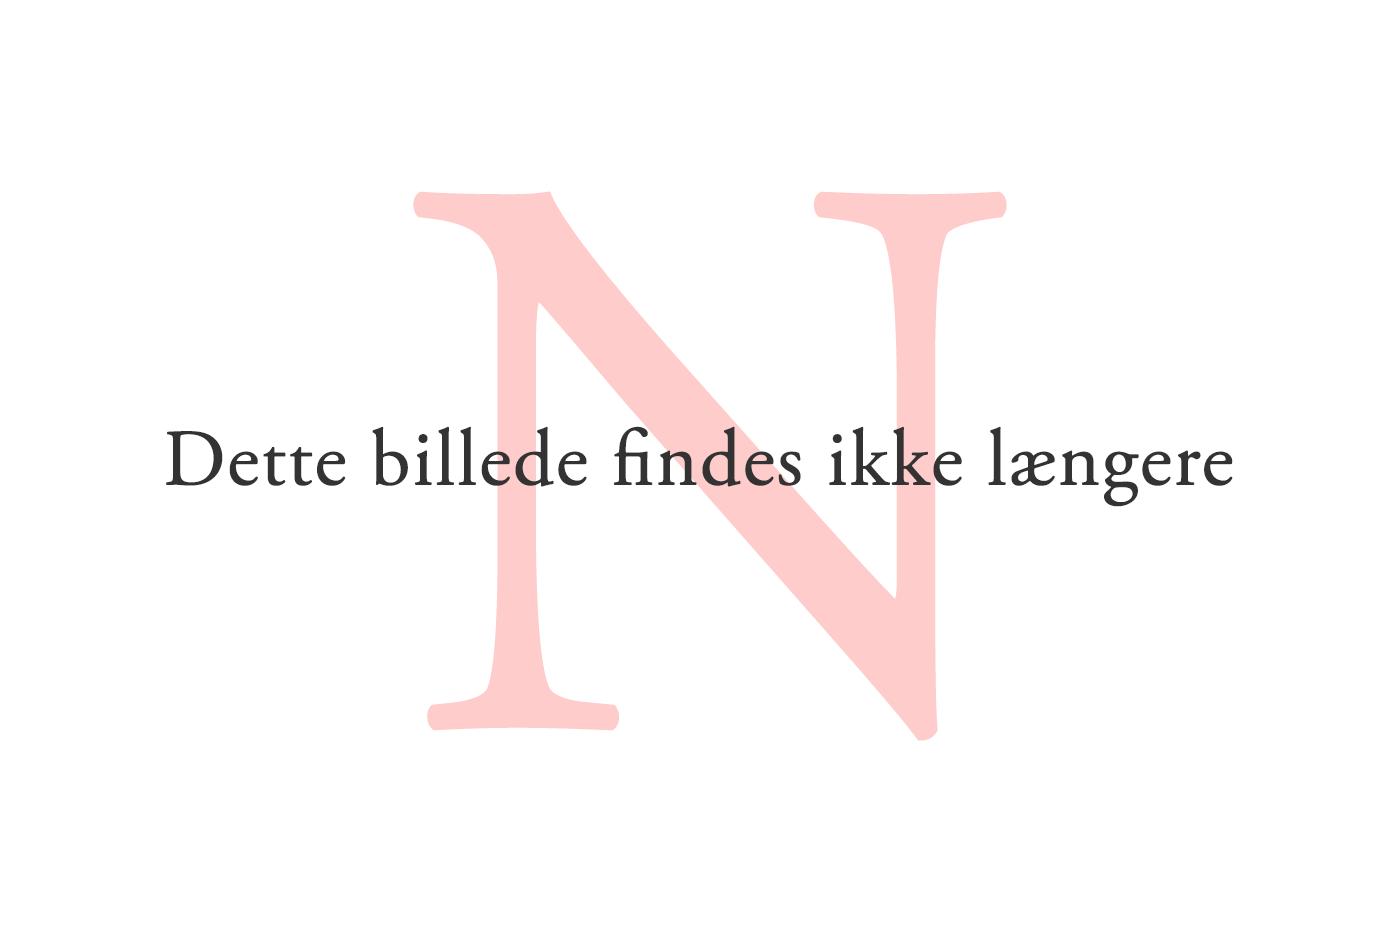 Nyt ph.d.-projekt afslører magten i Danmark. Foto: Flickr